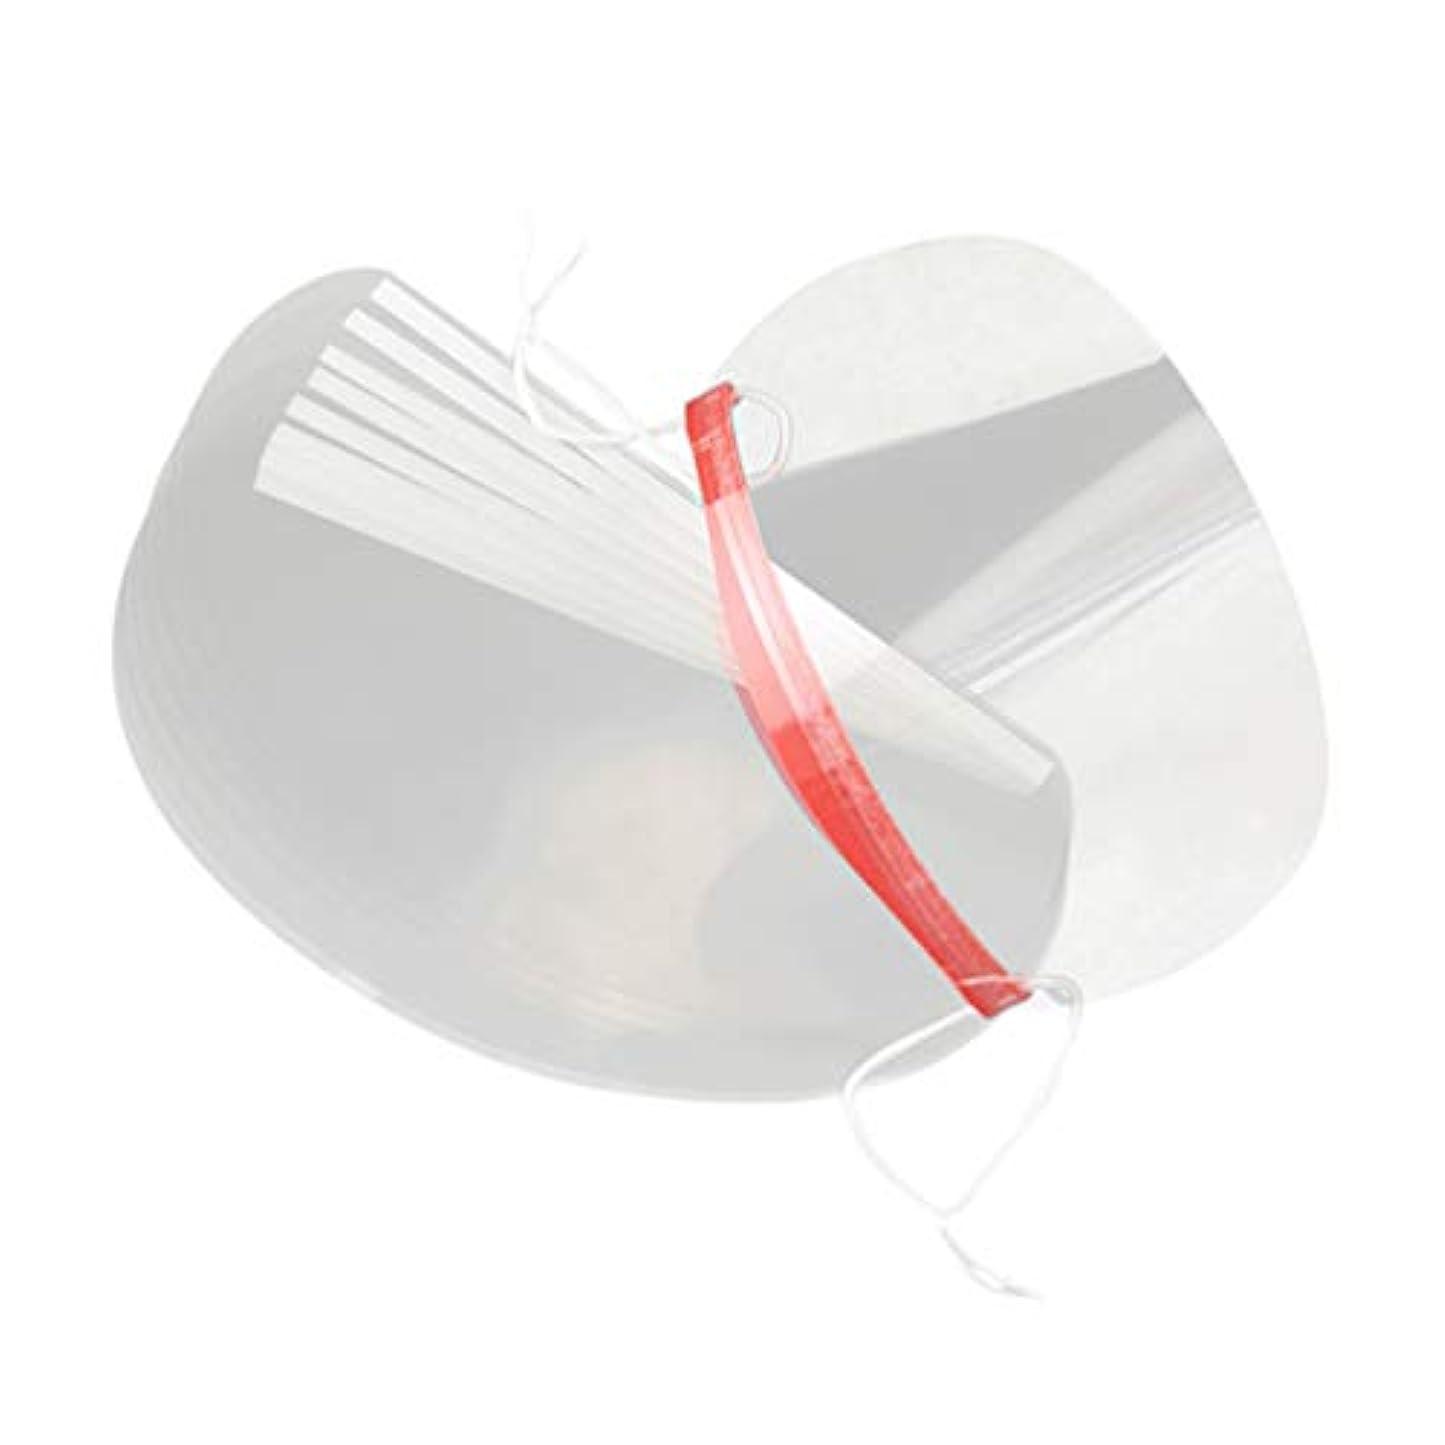 英語の授業があります振る舞いオレンジLurrose 理容ヘアサロン マスク多機能透明プラス フェイスプロテクター散髪目シールド 理髪ヘアスプレーシールドマスクバッフル 50pcs